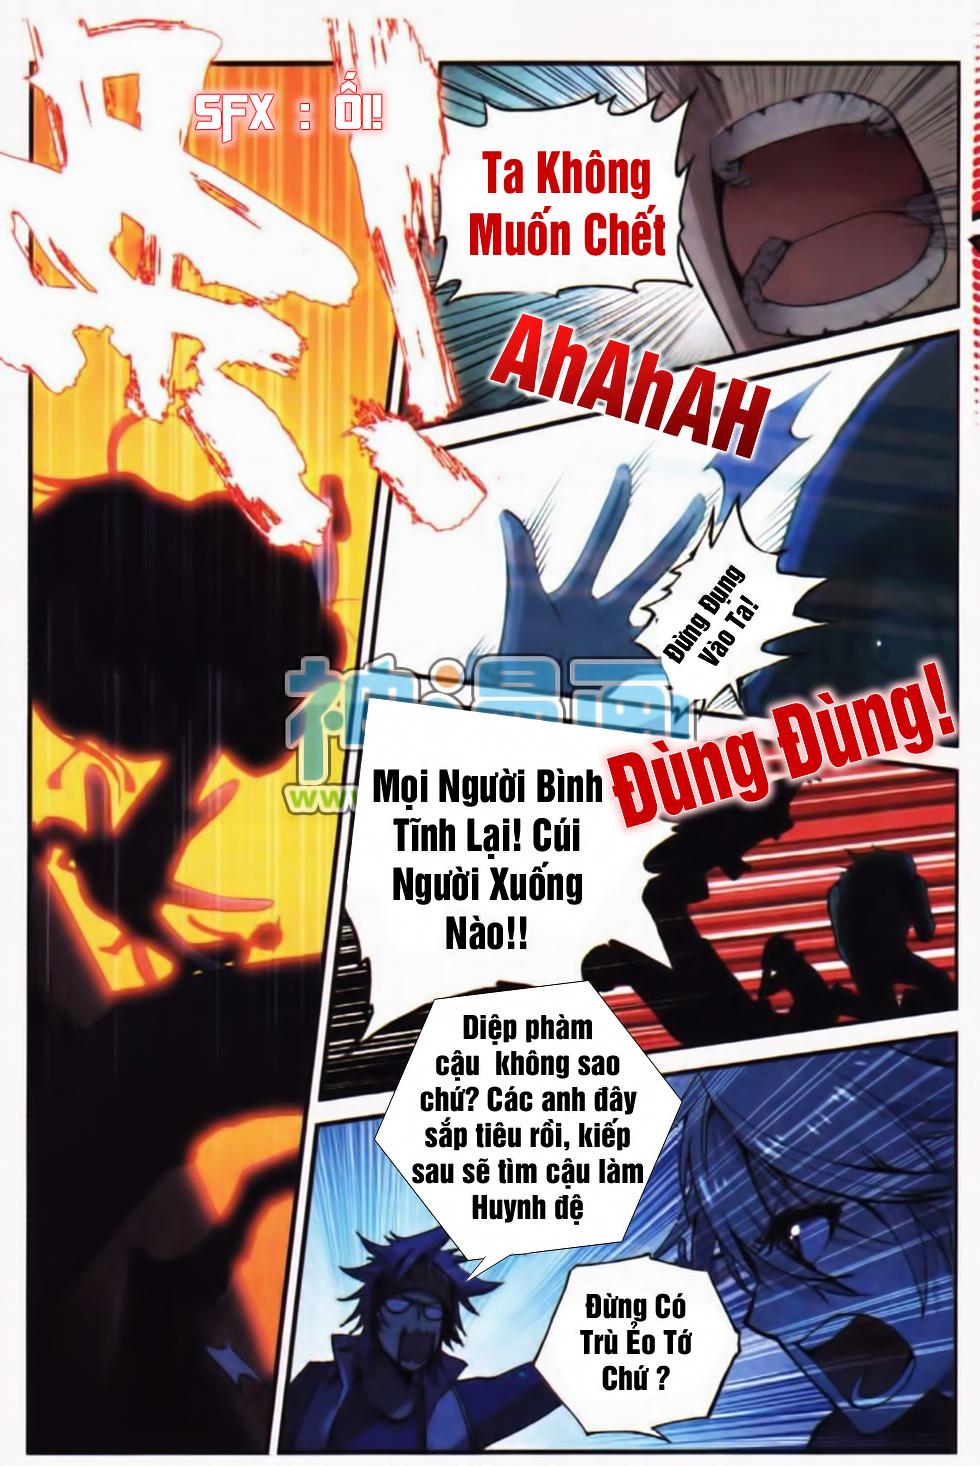 a3manga.com-gia-thien-9